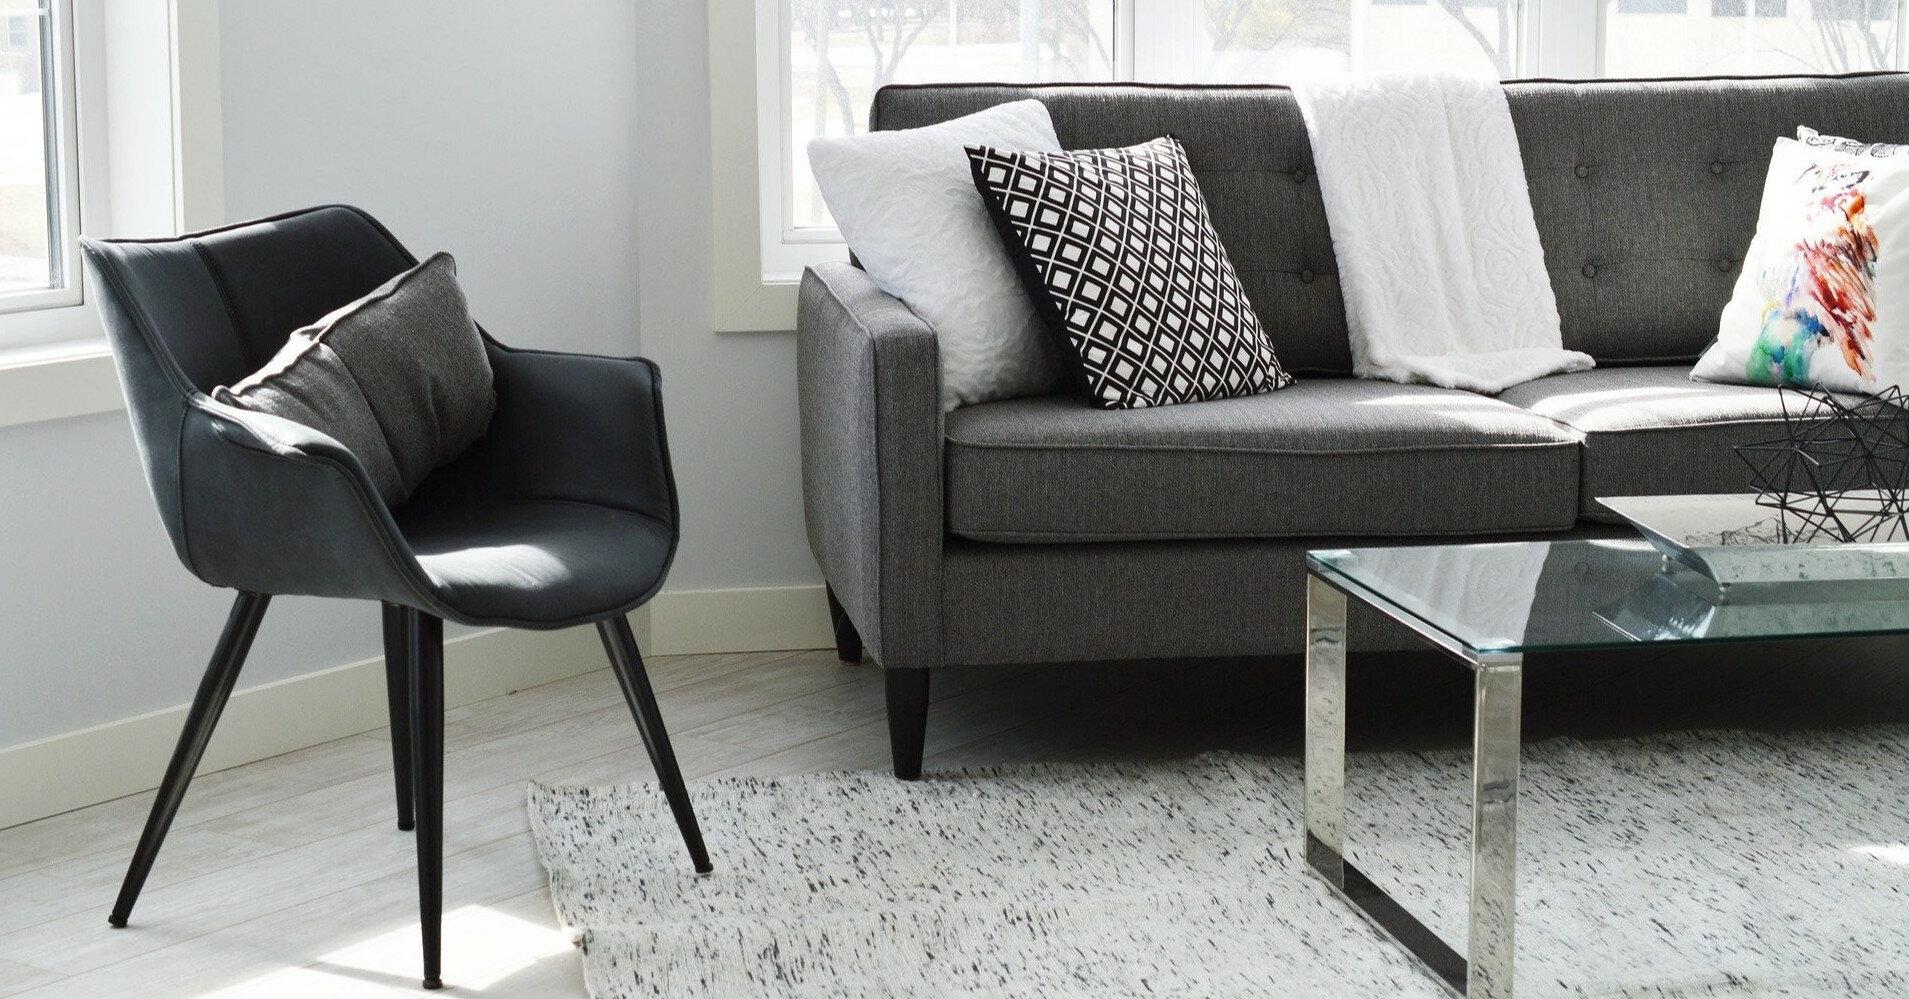 Цены на аренду квартир повысятся летом